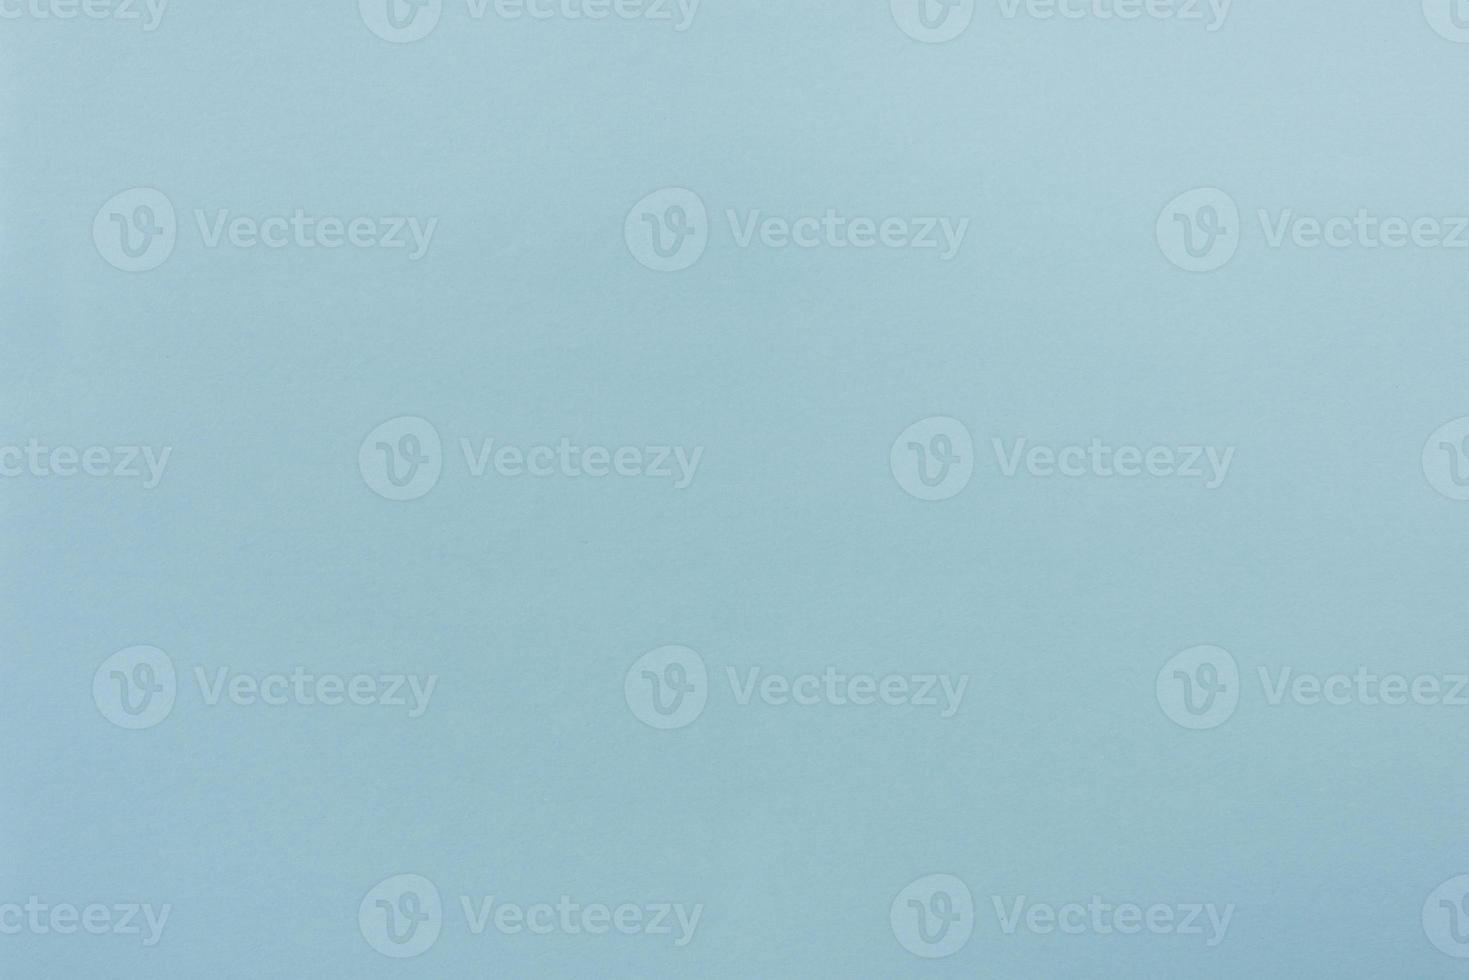 papier bleu avec une texture douce. fond simple. photo